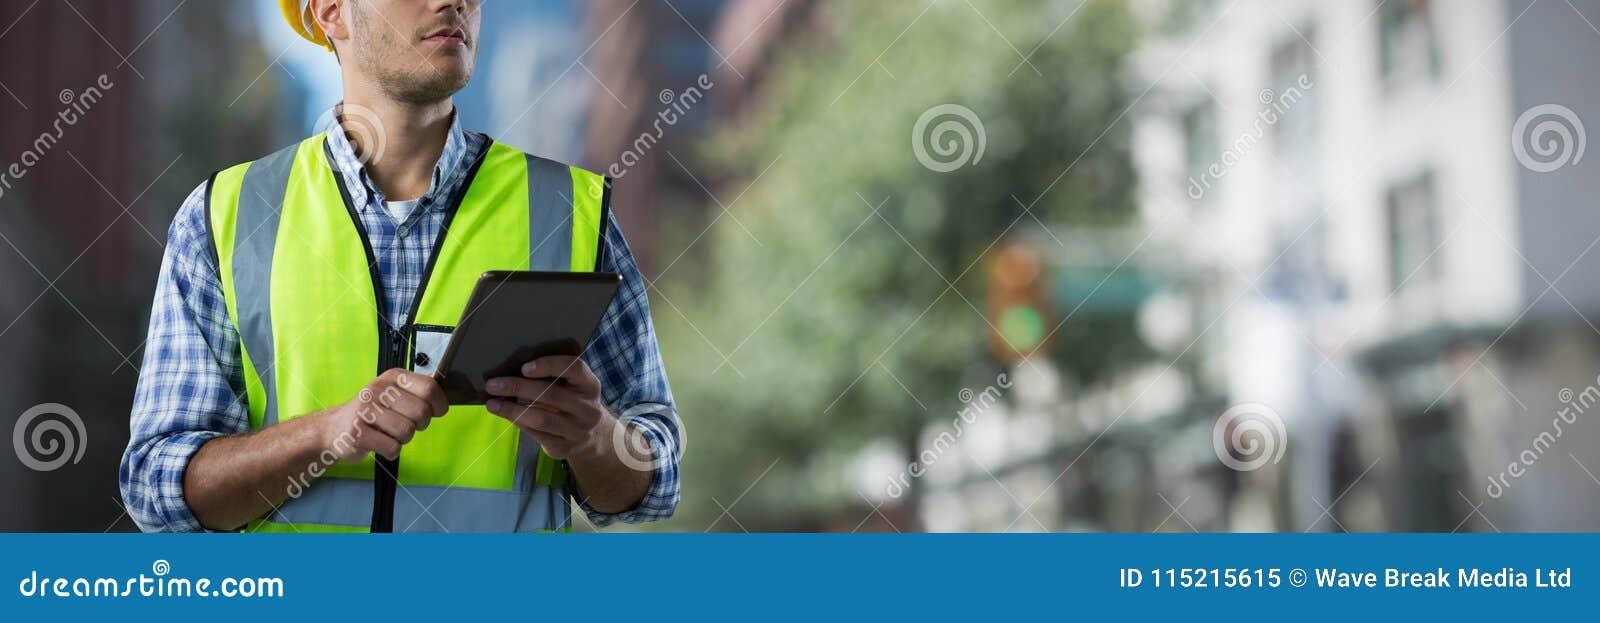 Złożony wizerunek skoncentrowany pracownik budowlany z pastylką